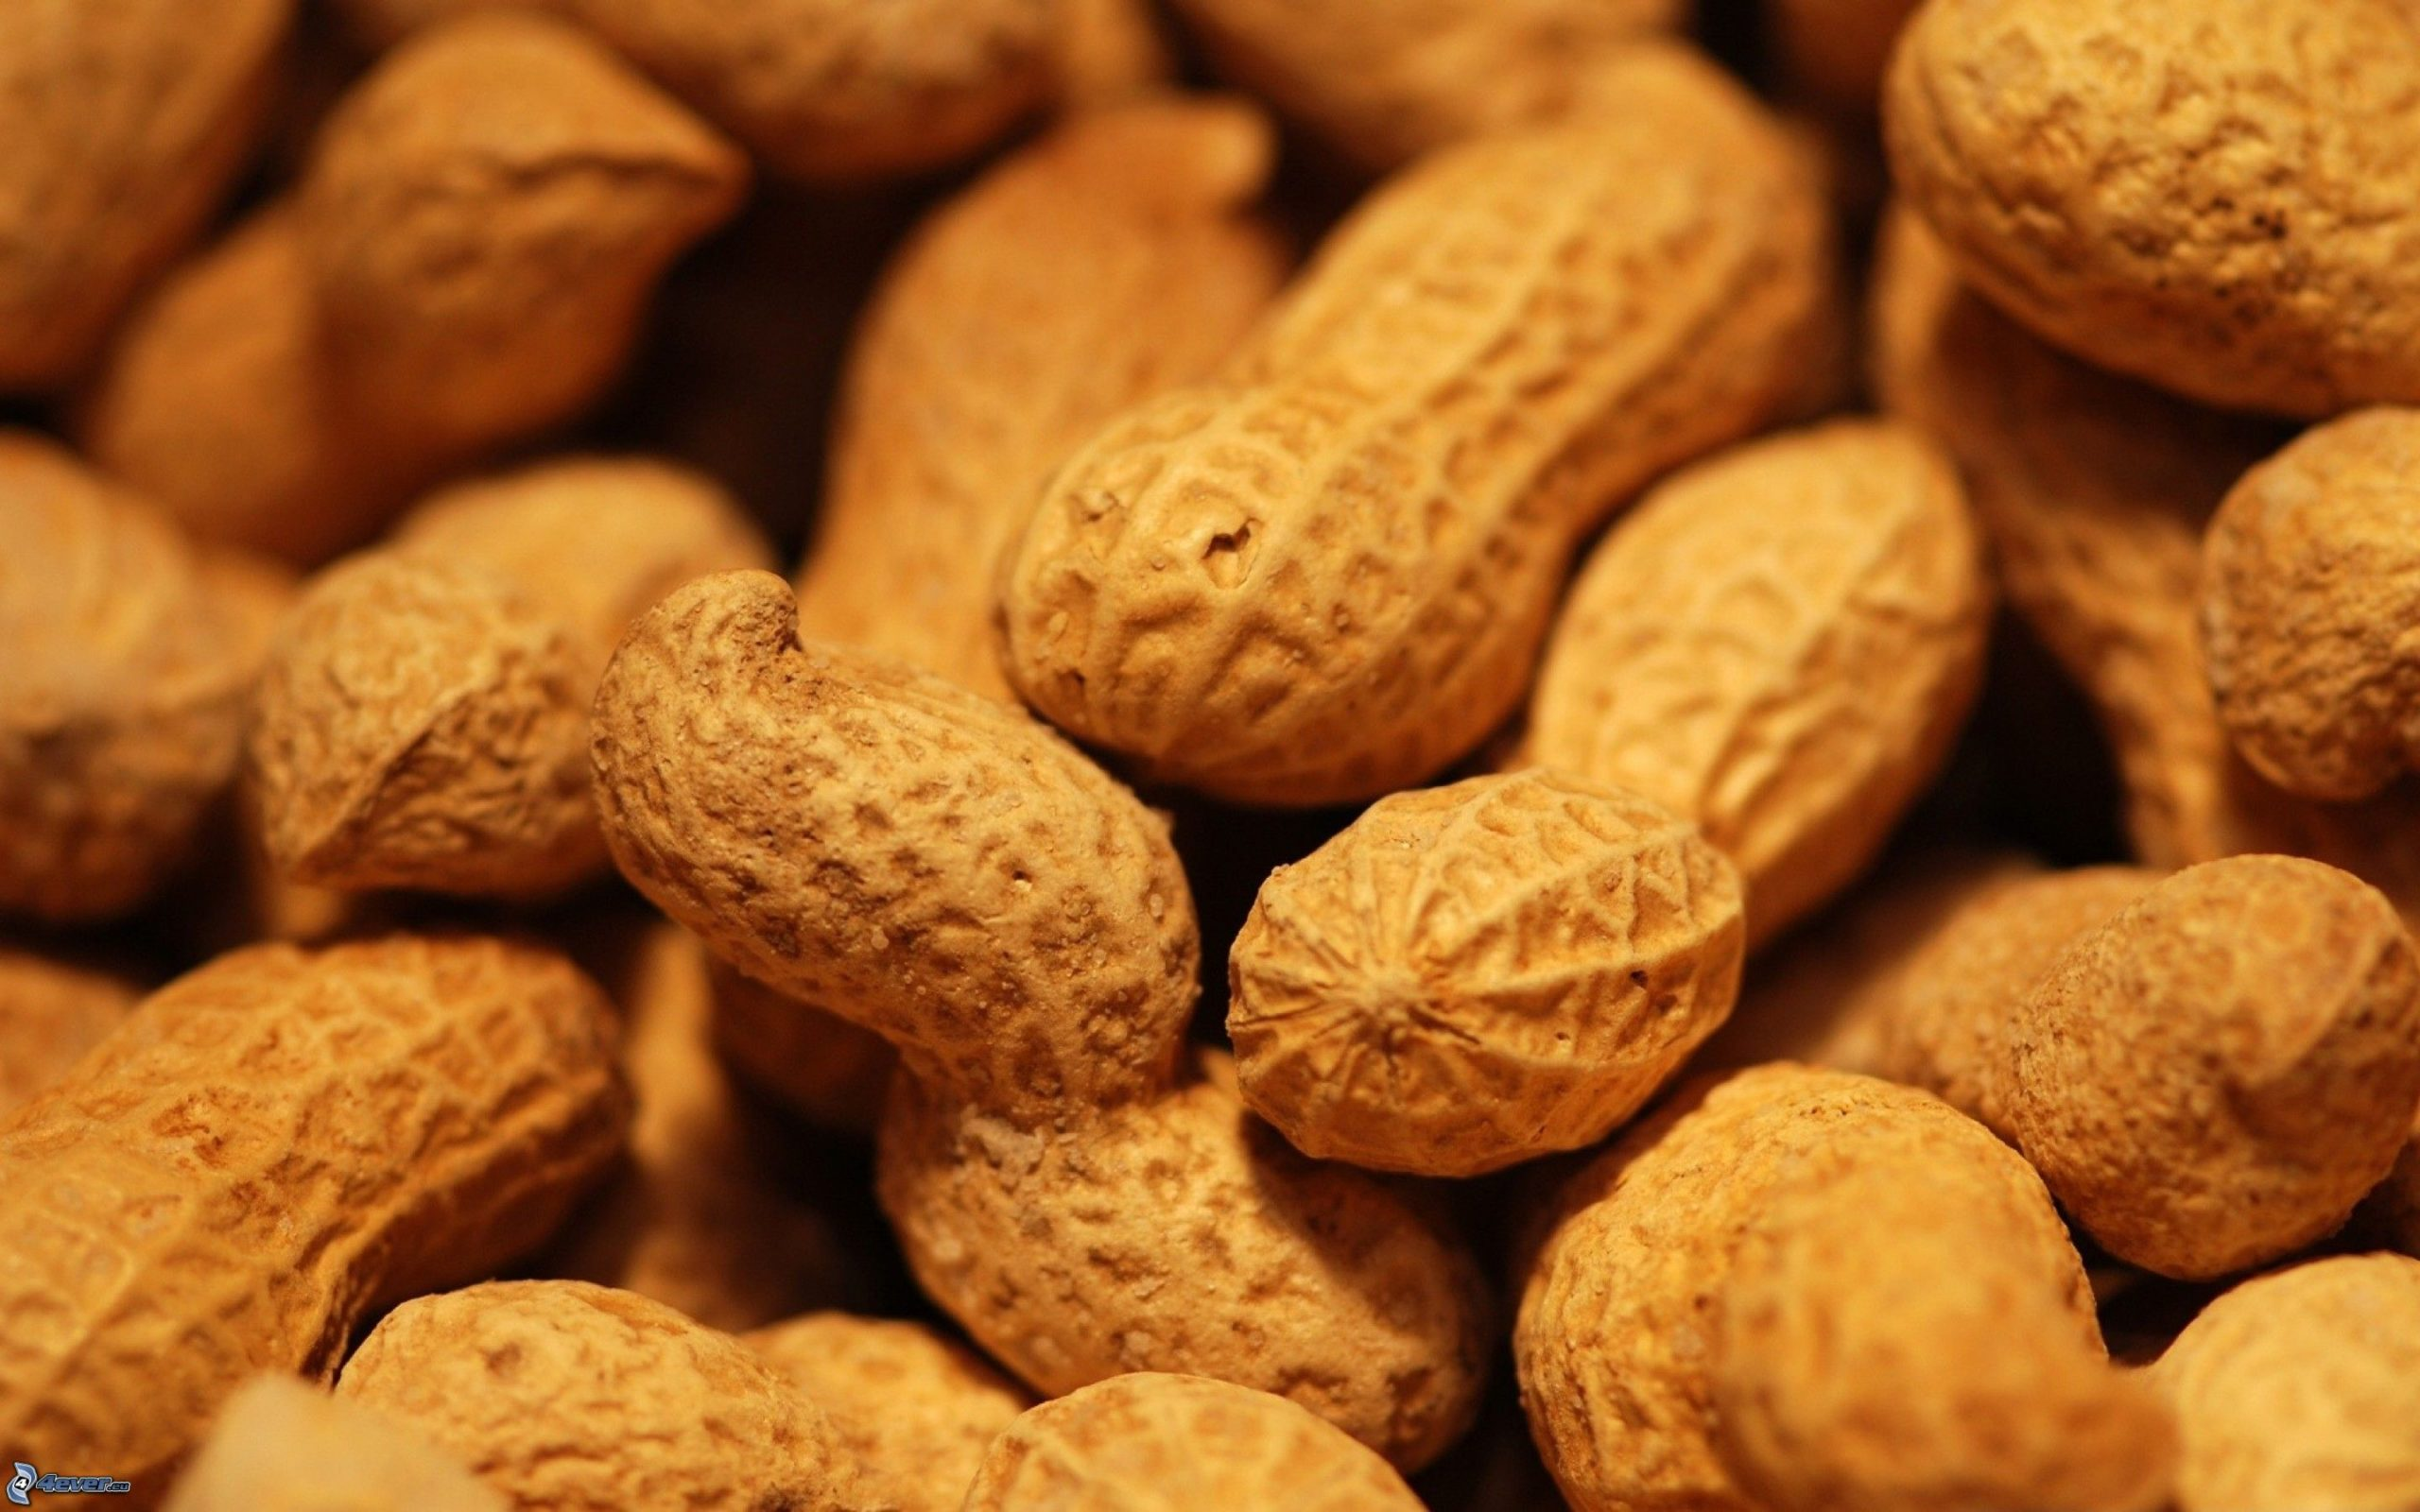 Secretaría de Agricultura federal homenajea al cacahuate